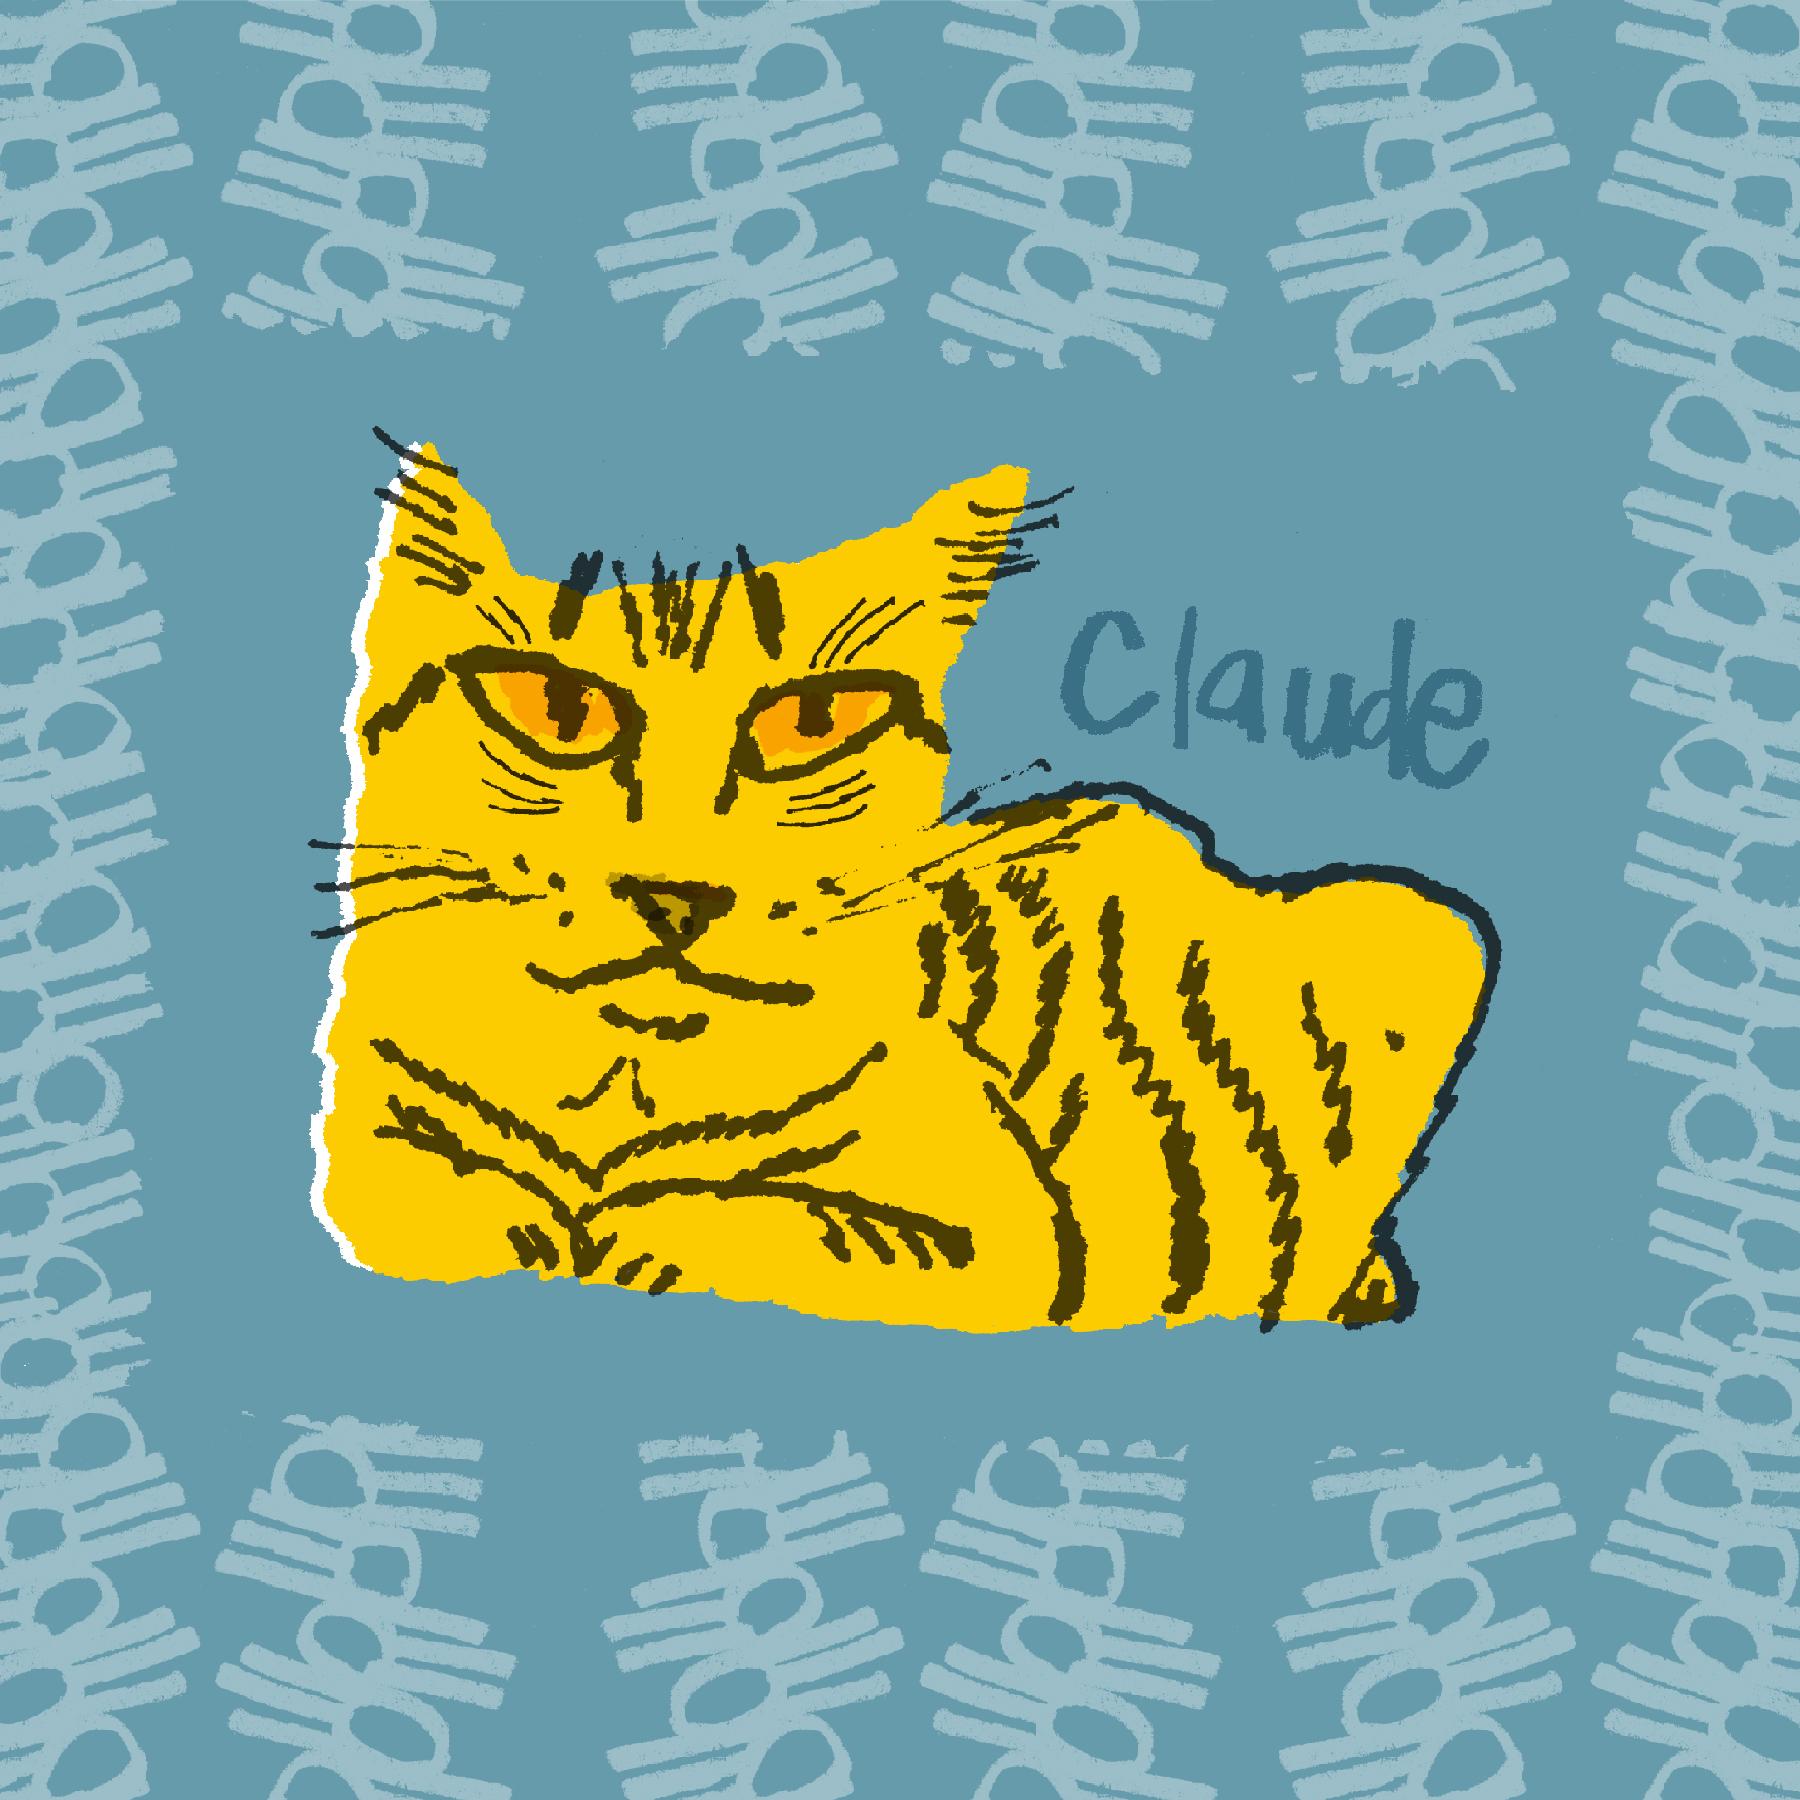 Claude | Sarah Wildfang